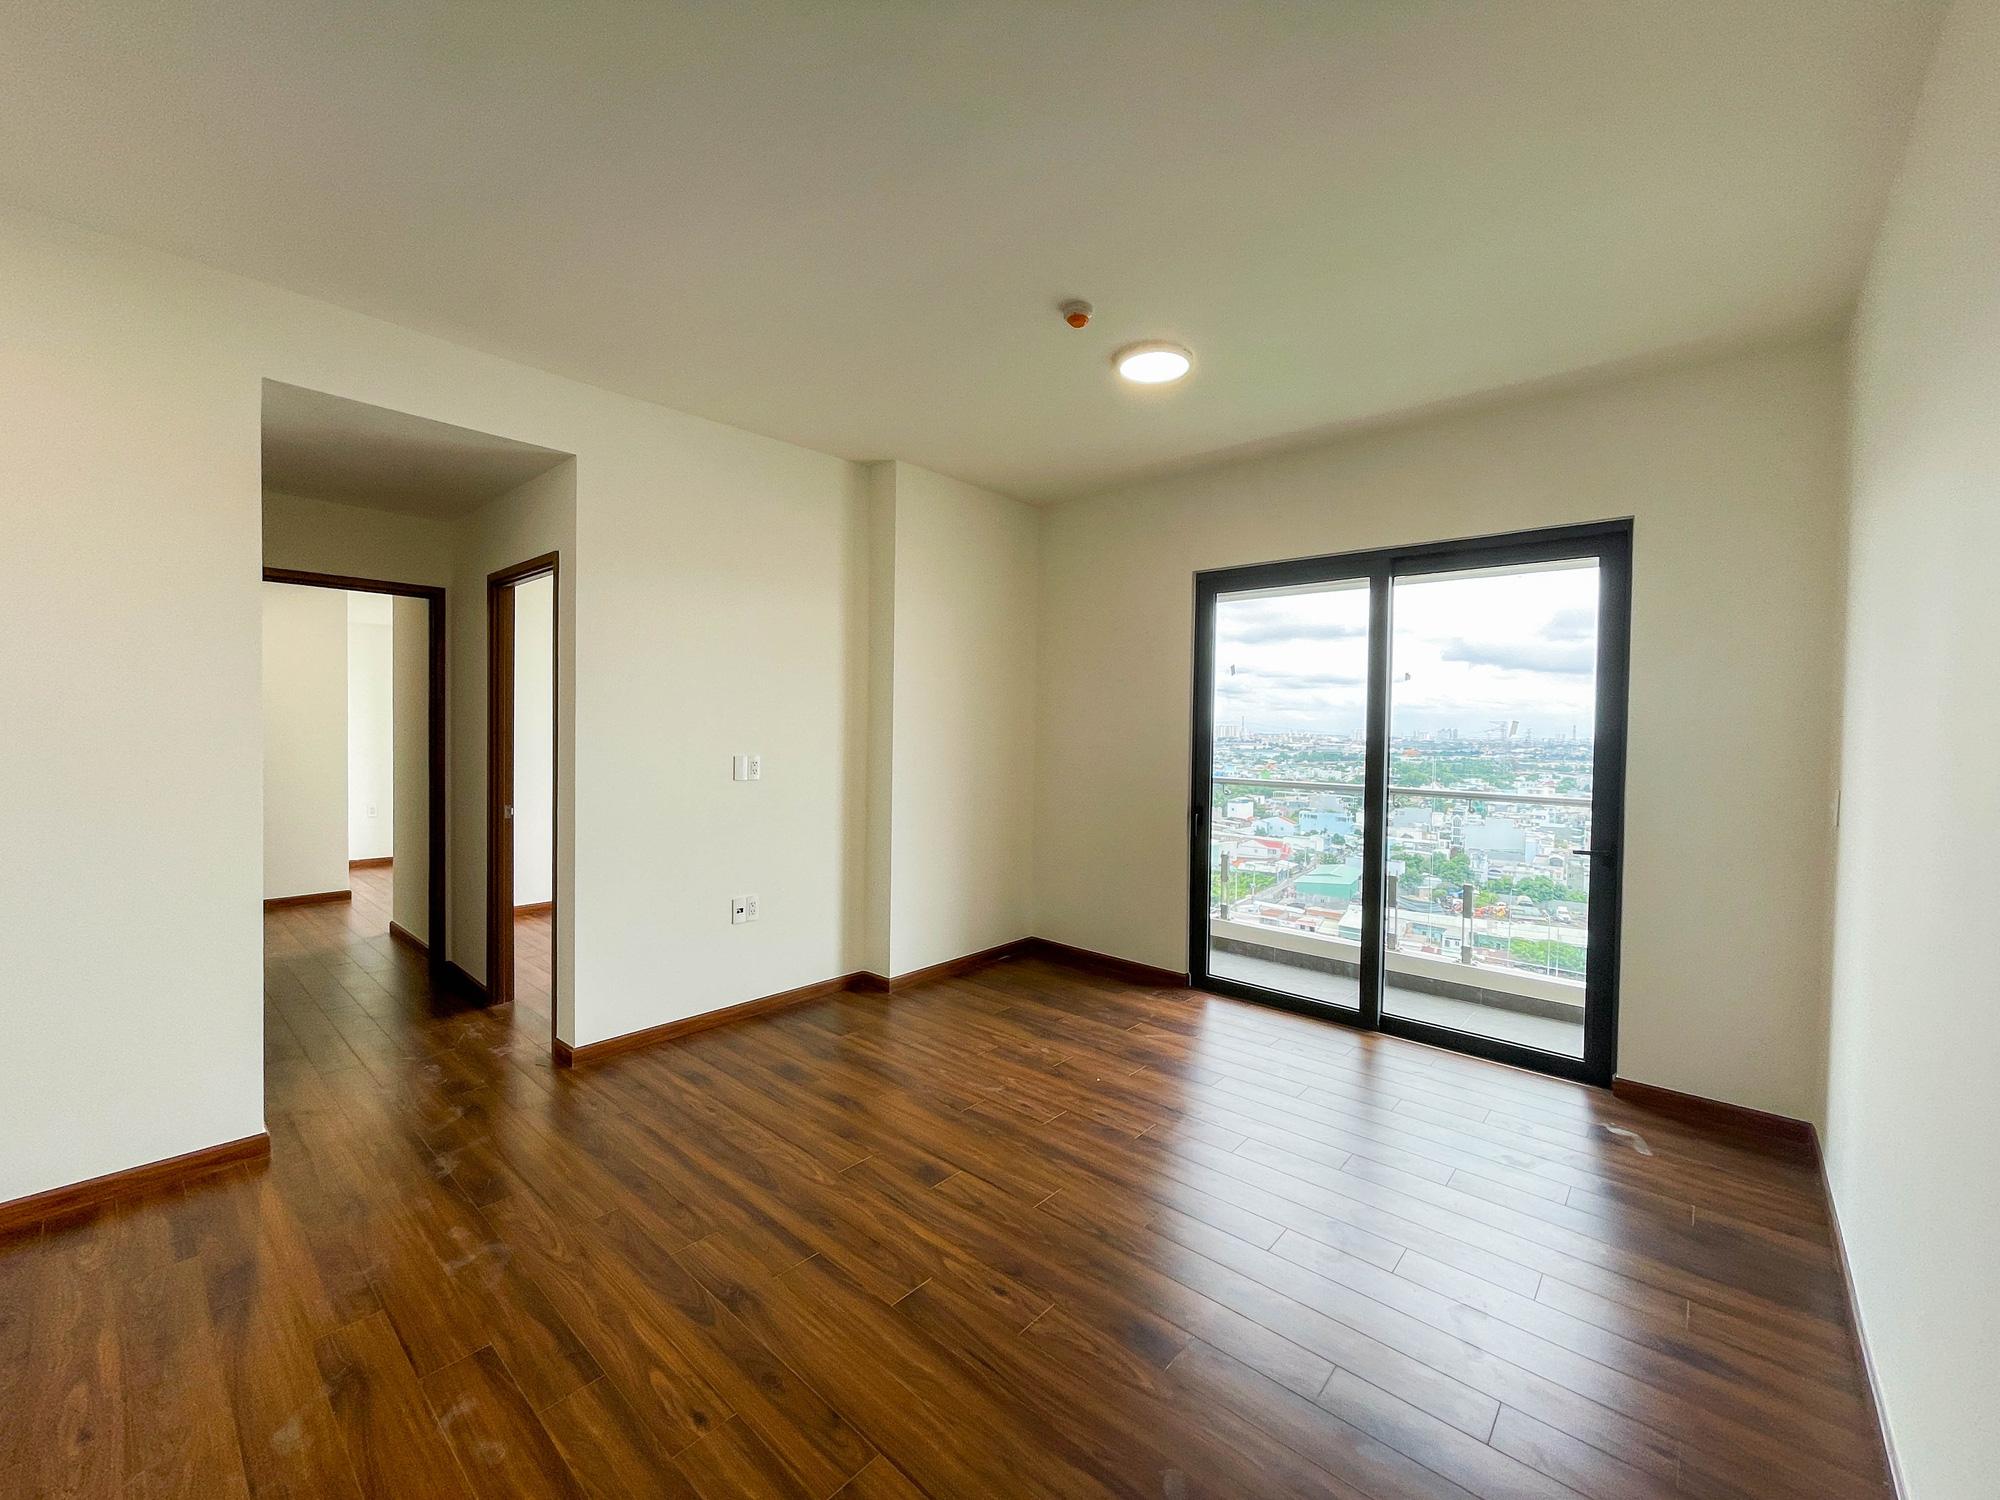 Căn hộ trung cấp tiếp tục hấp thụ tốt trên thị trường bất động sản - Ảnh 2.